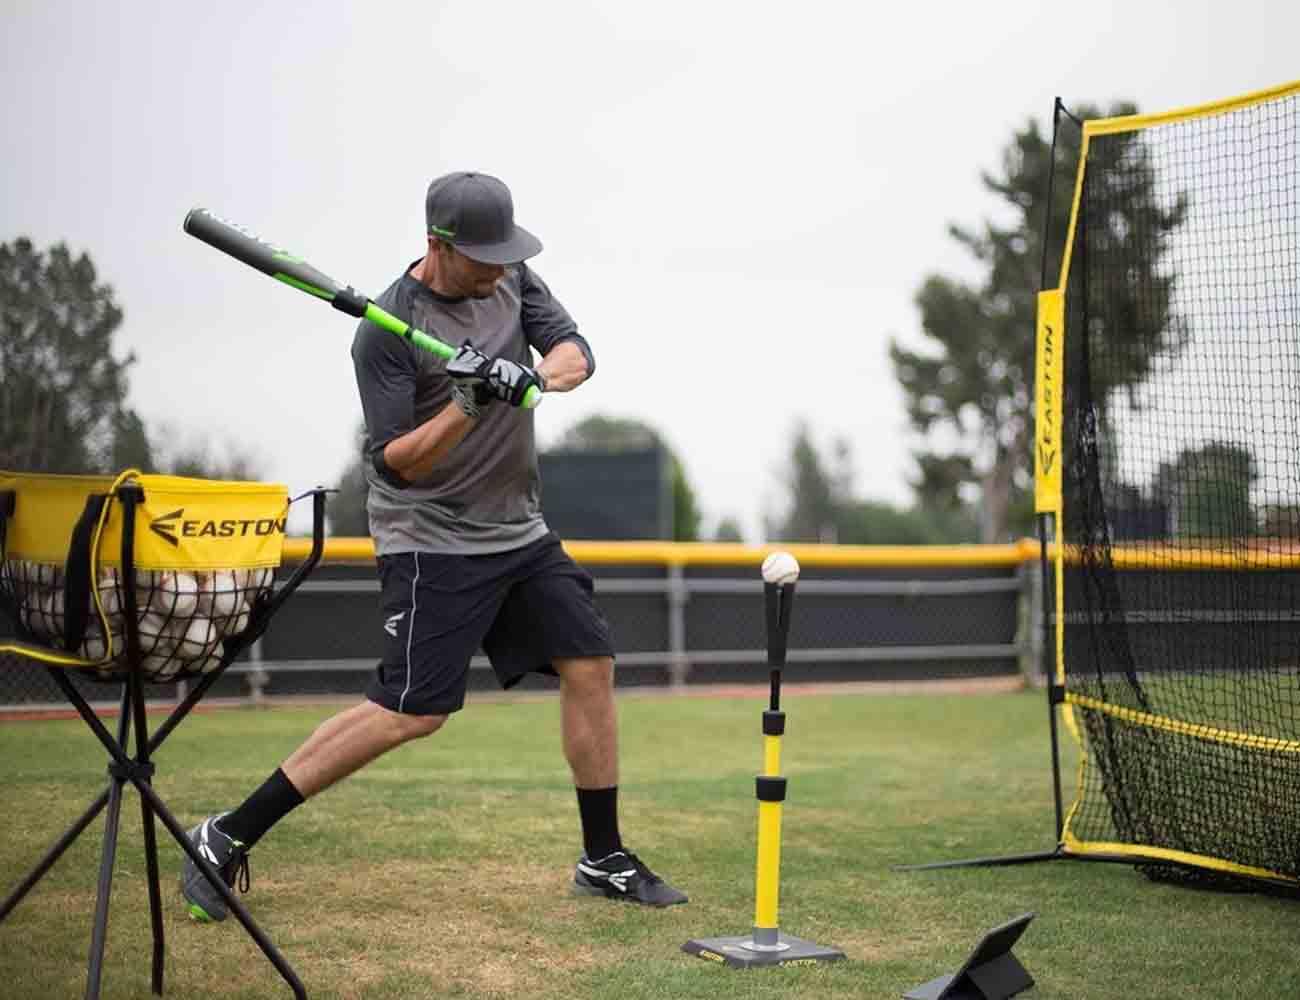 Easton Baseball Power Sensor by Blast Motion